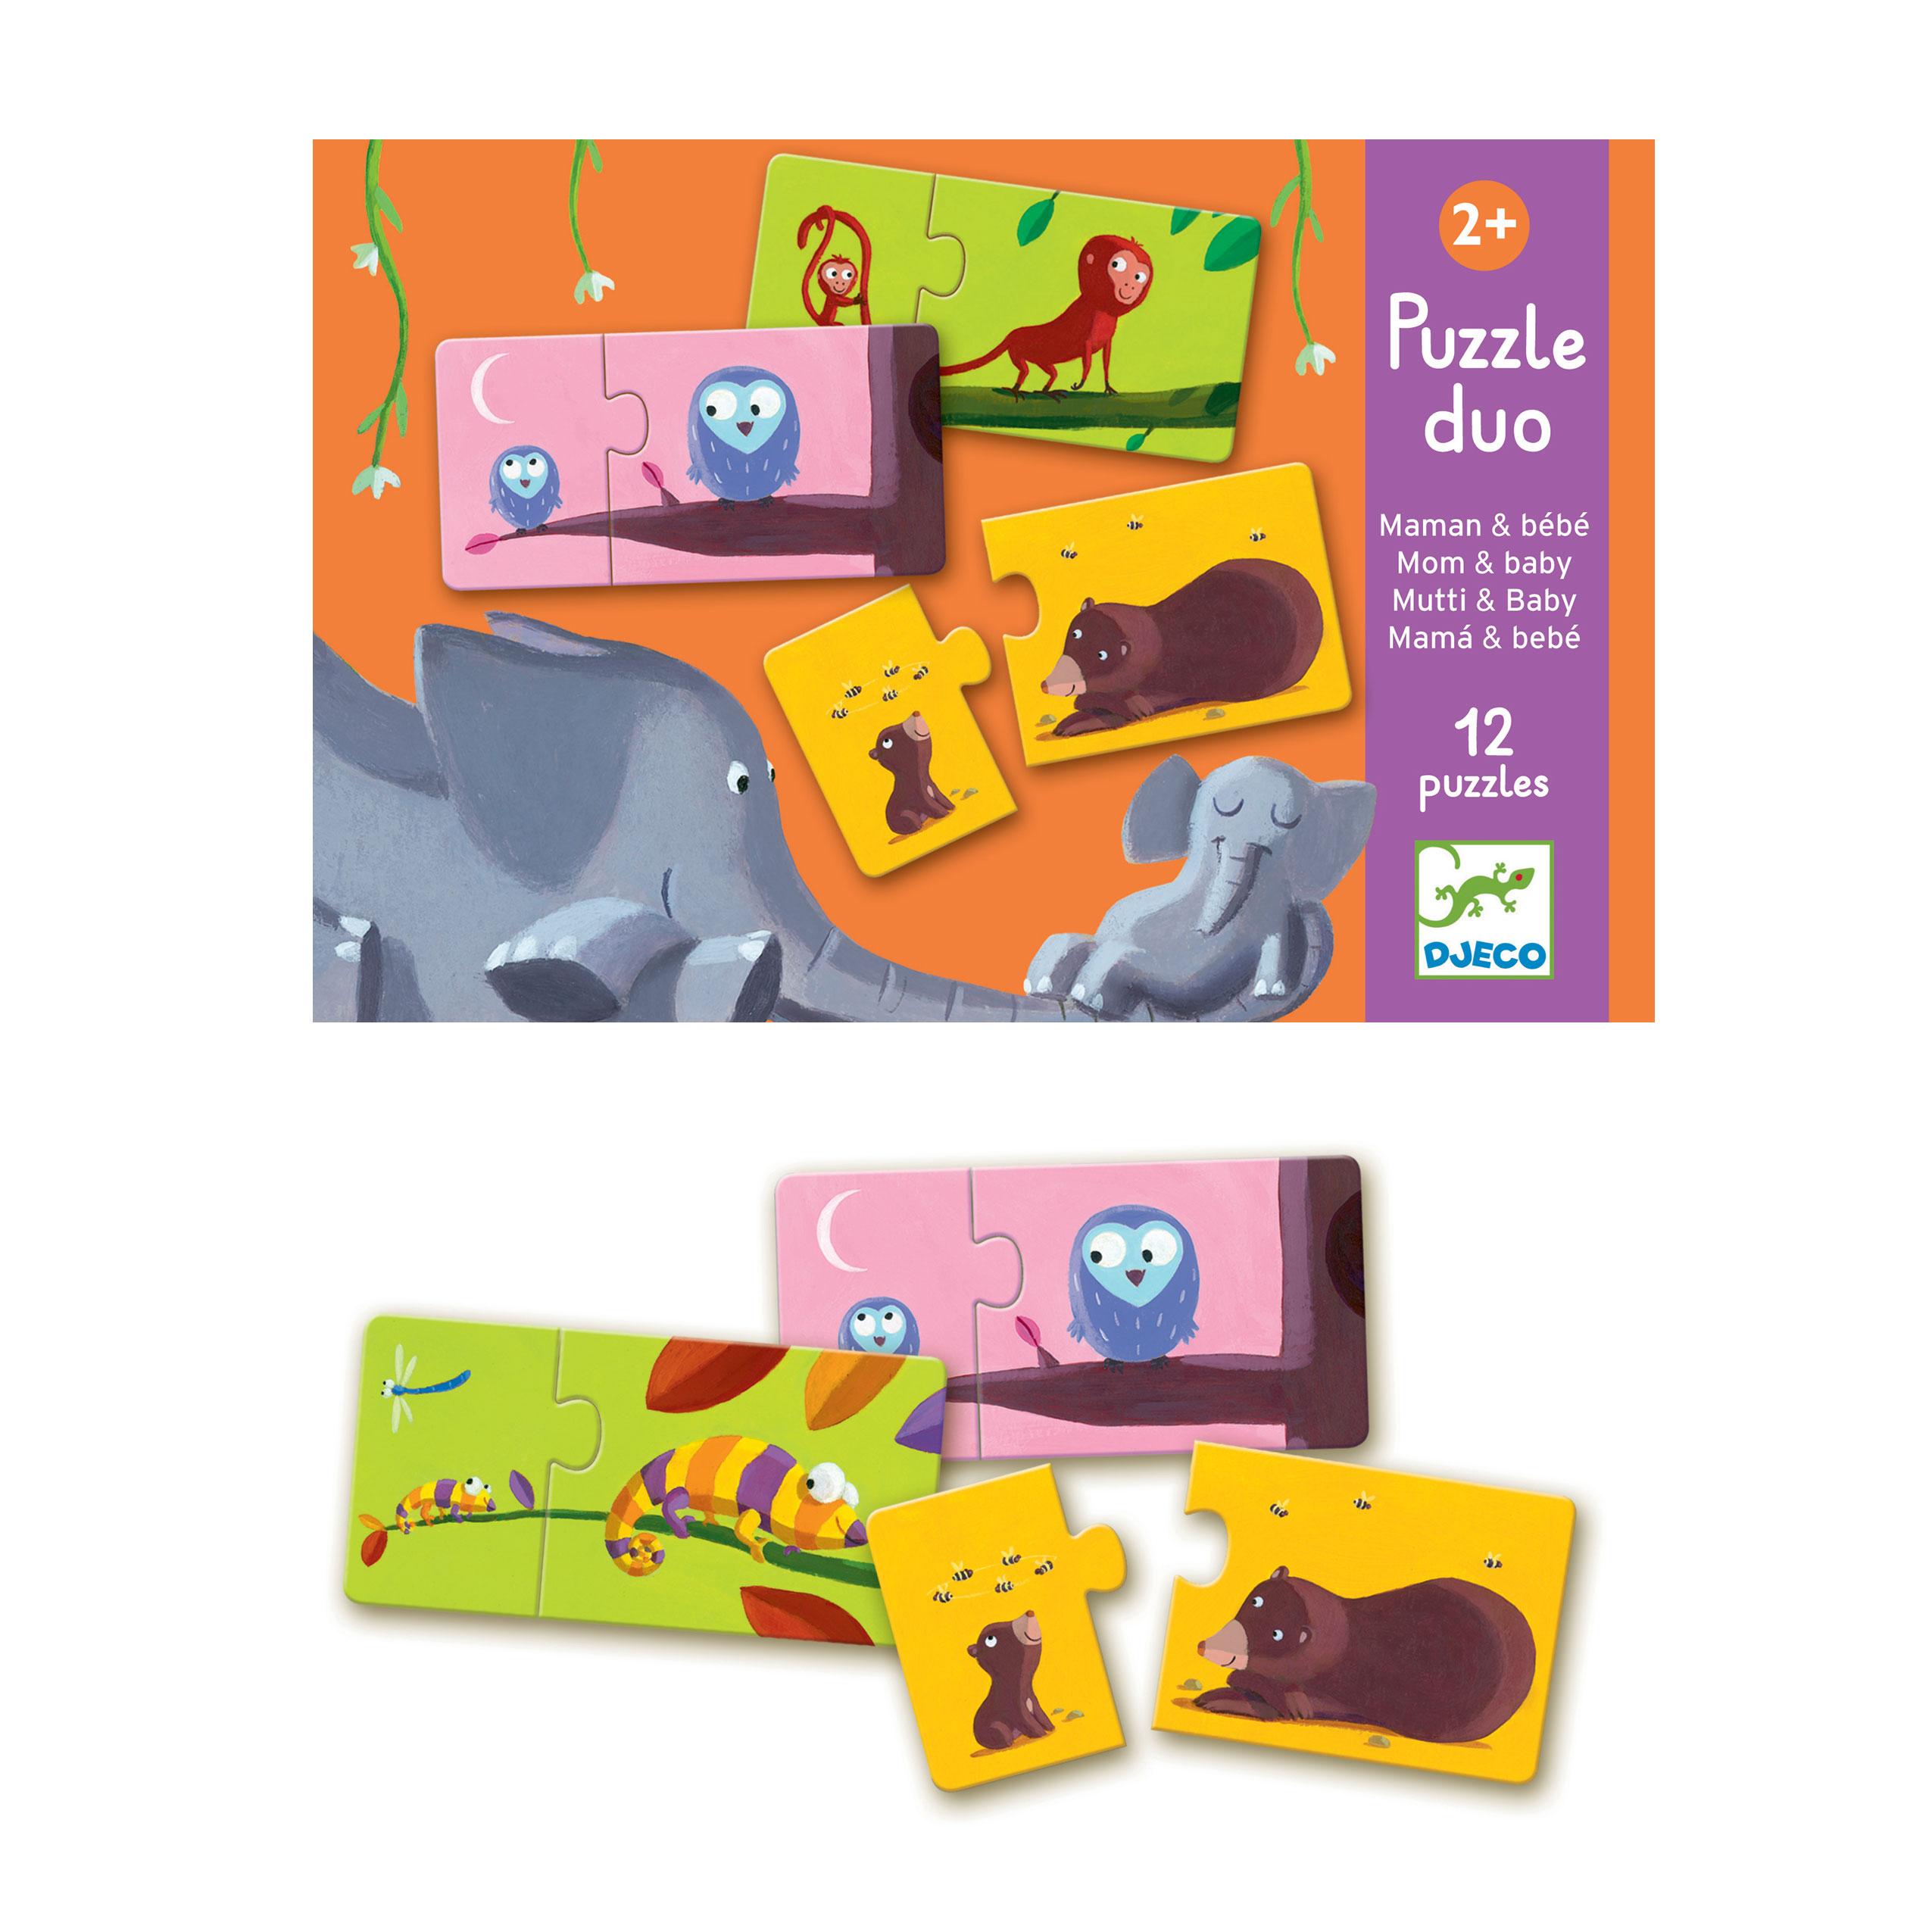 Puzzle Duo Maman Et Bébé avec Puzzle Gratuit 3 Ans